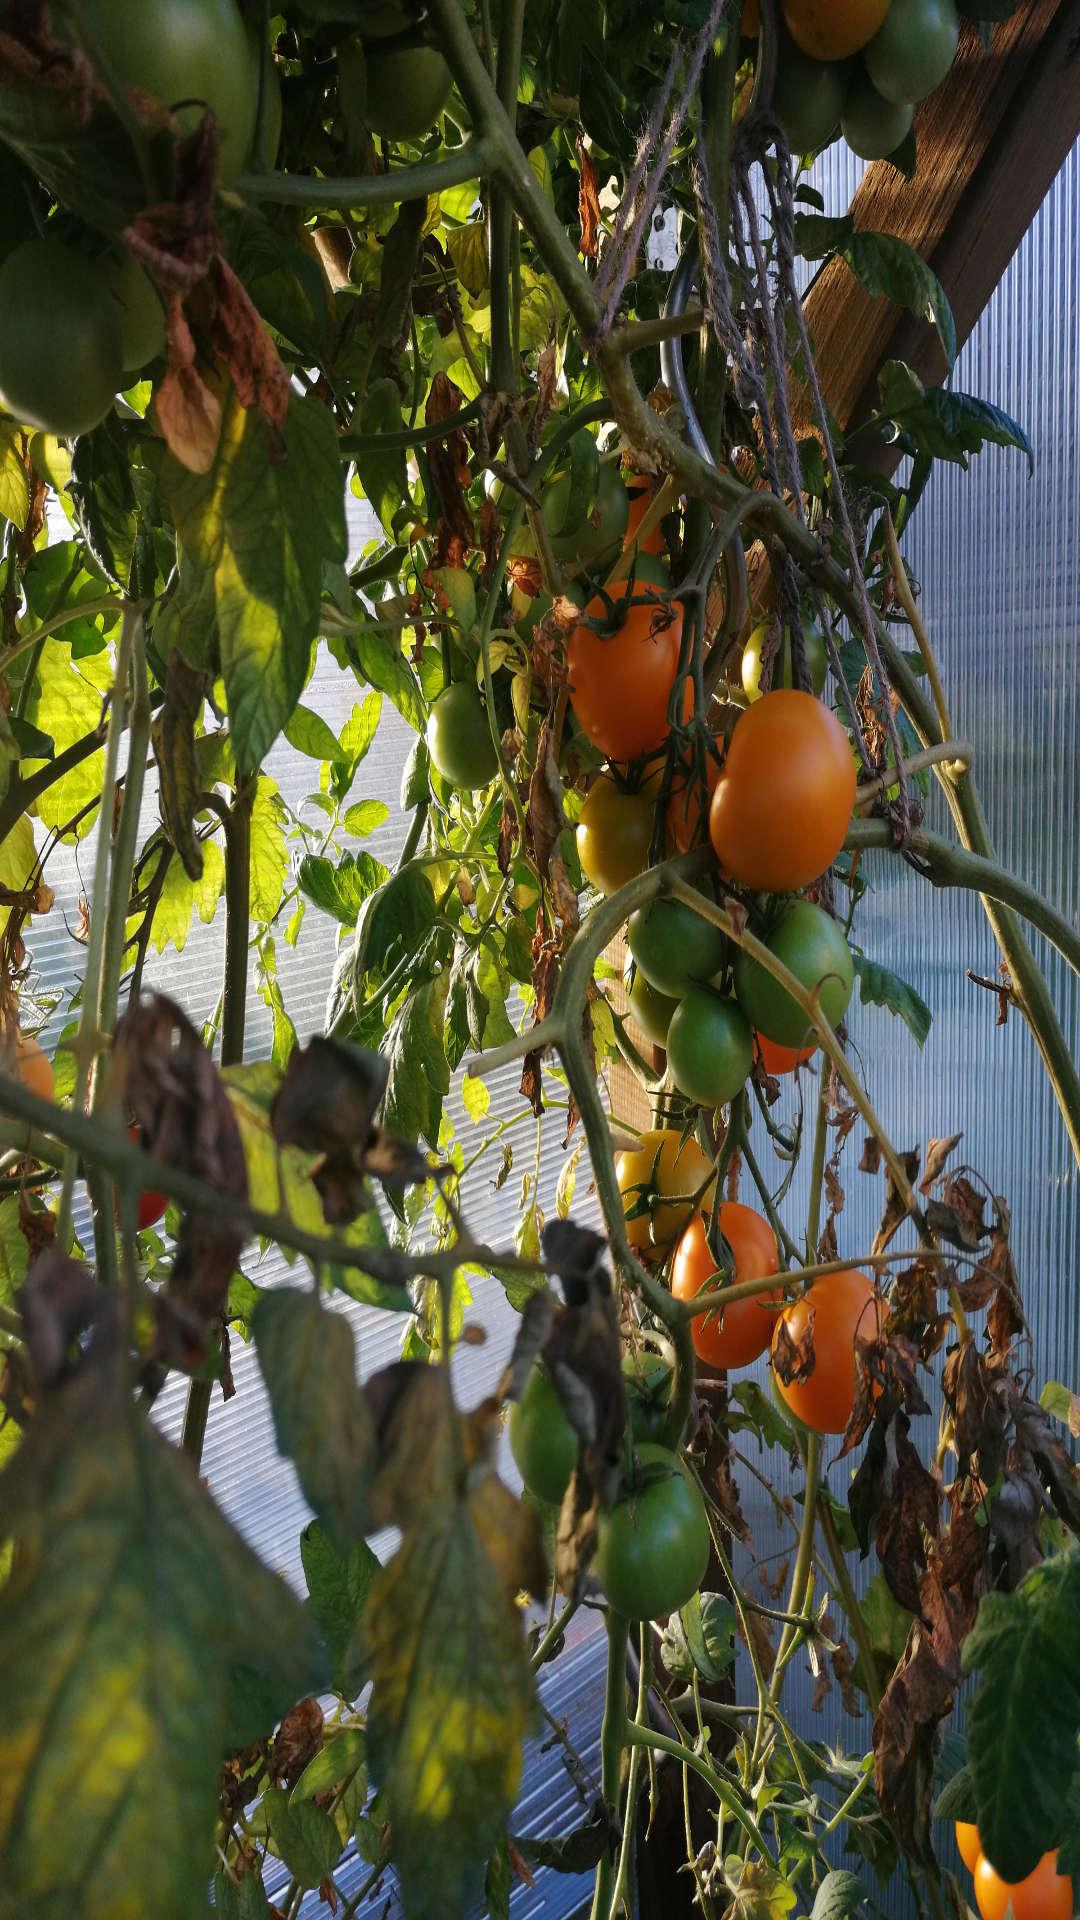 Kraut- und Braunfäule bei Tomaten